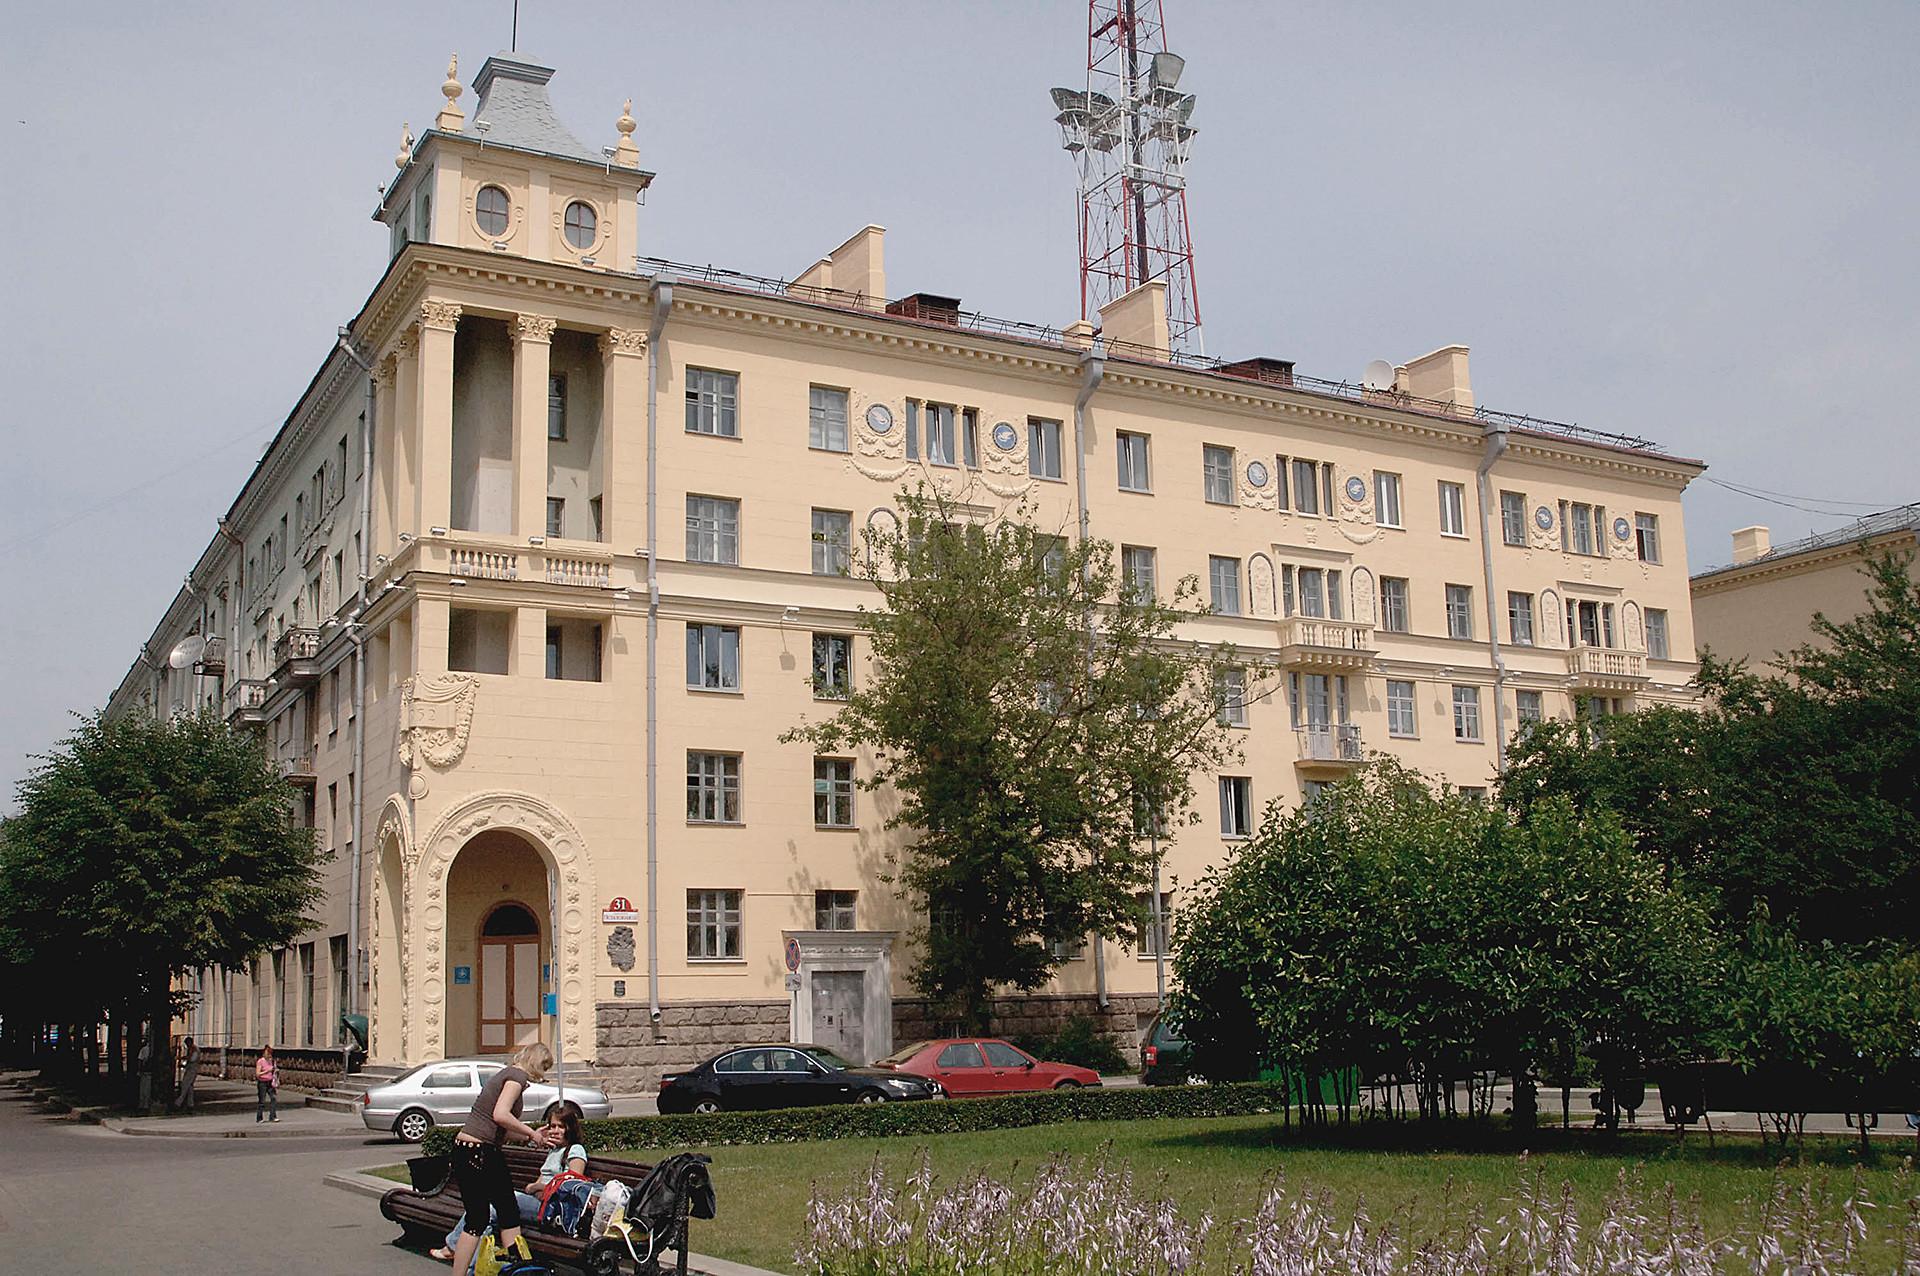 El edificio donde Lee Harvey Oswald vivió en Minsk.